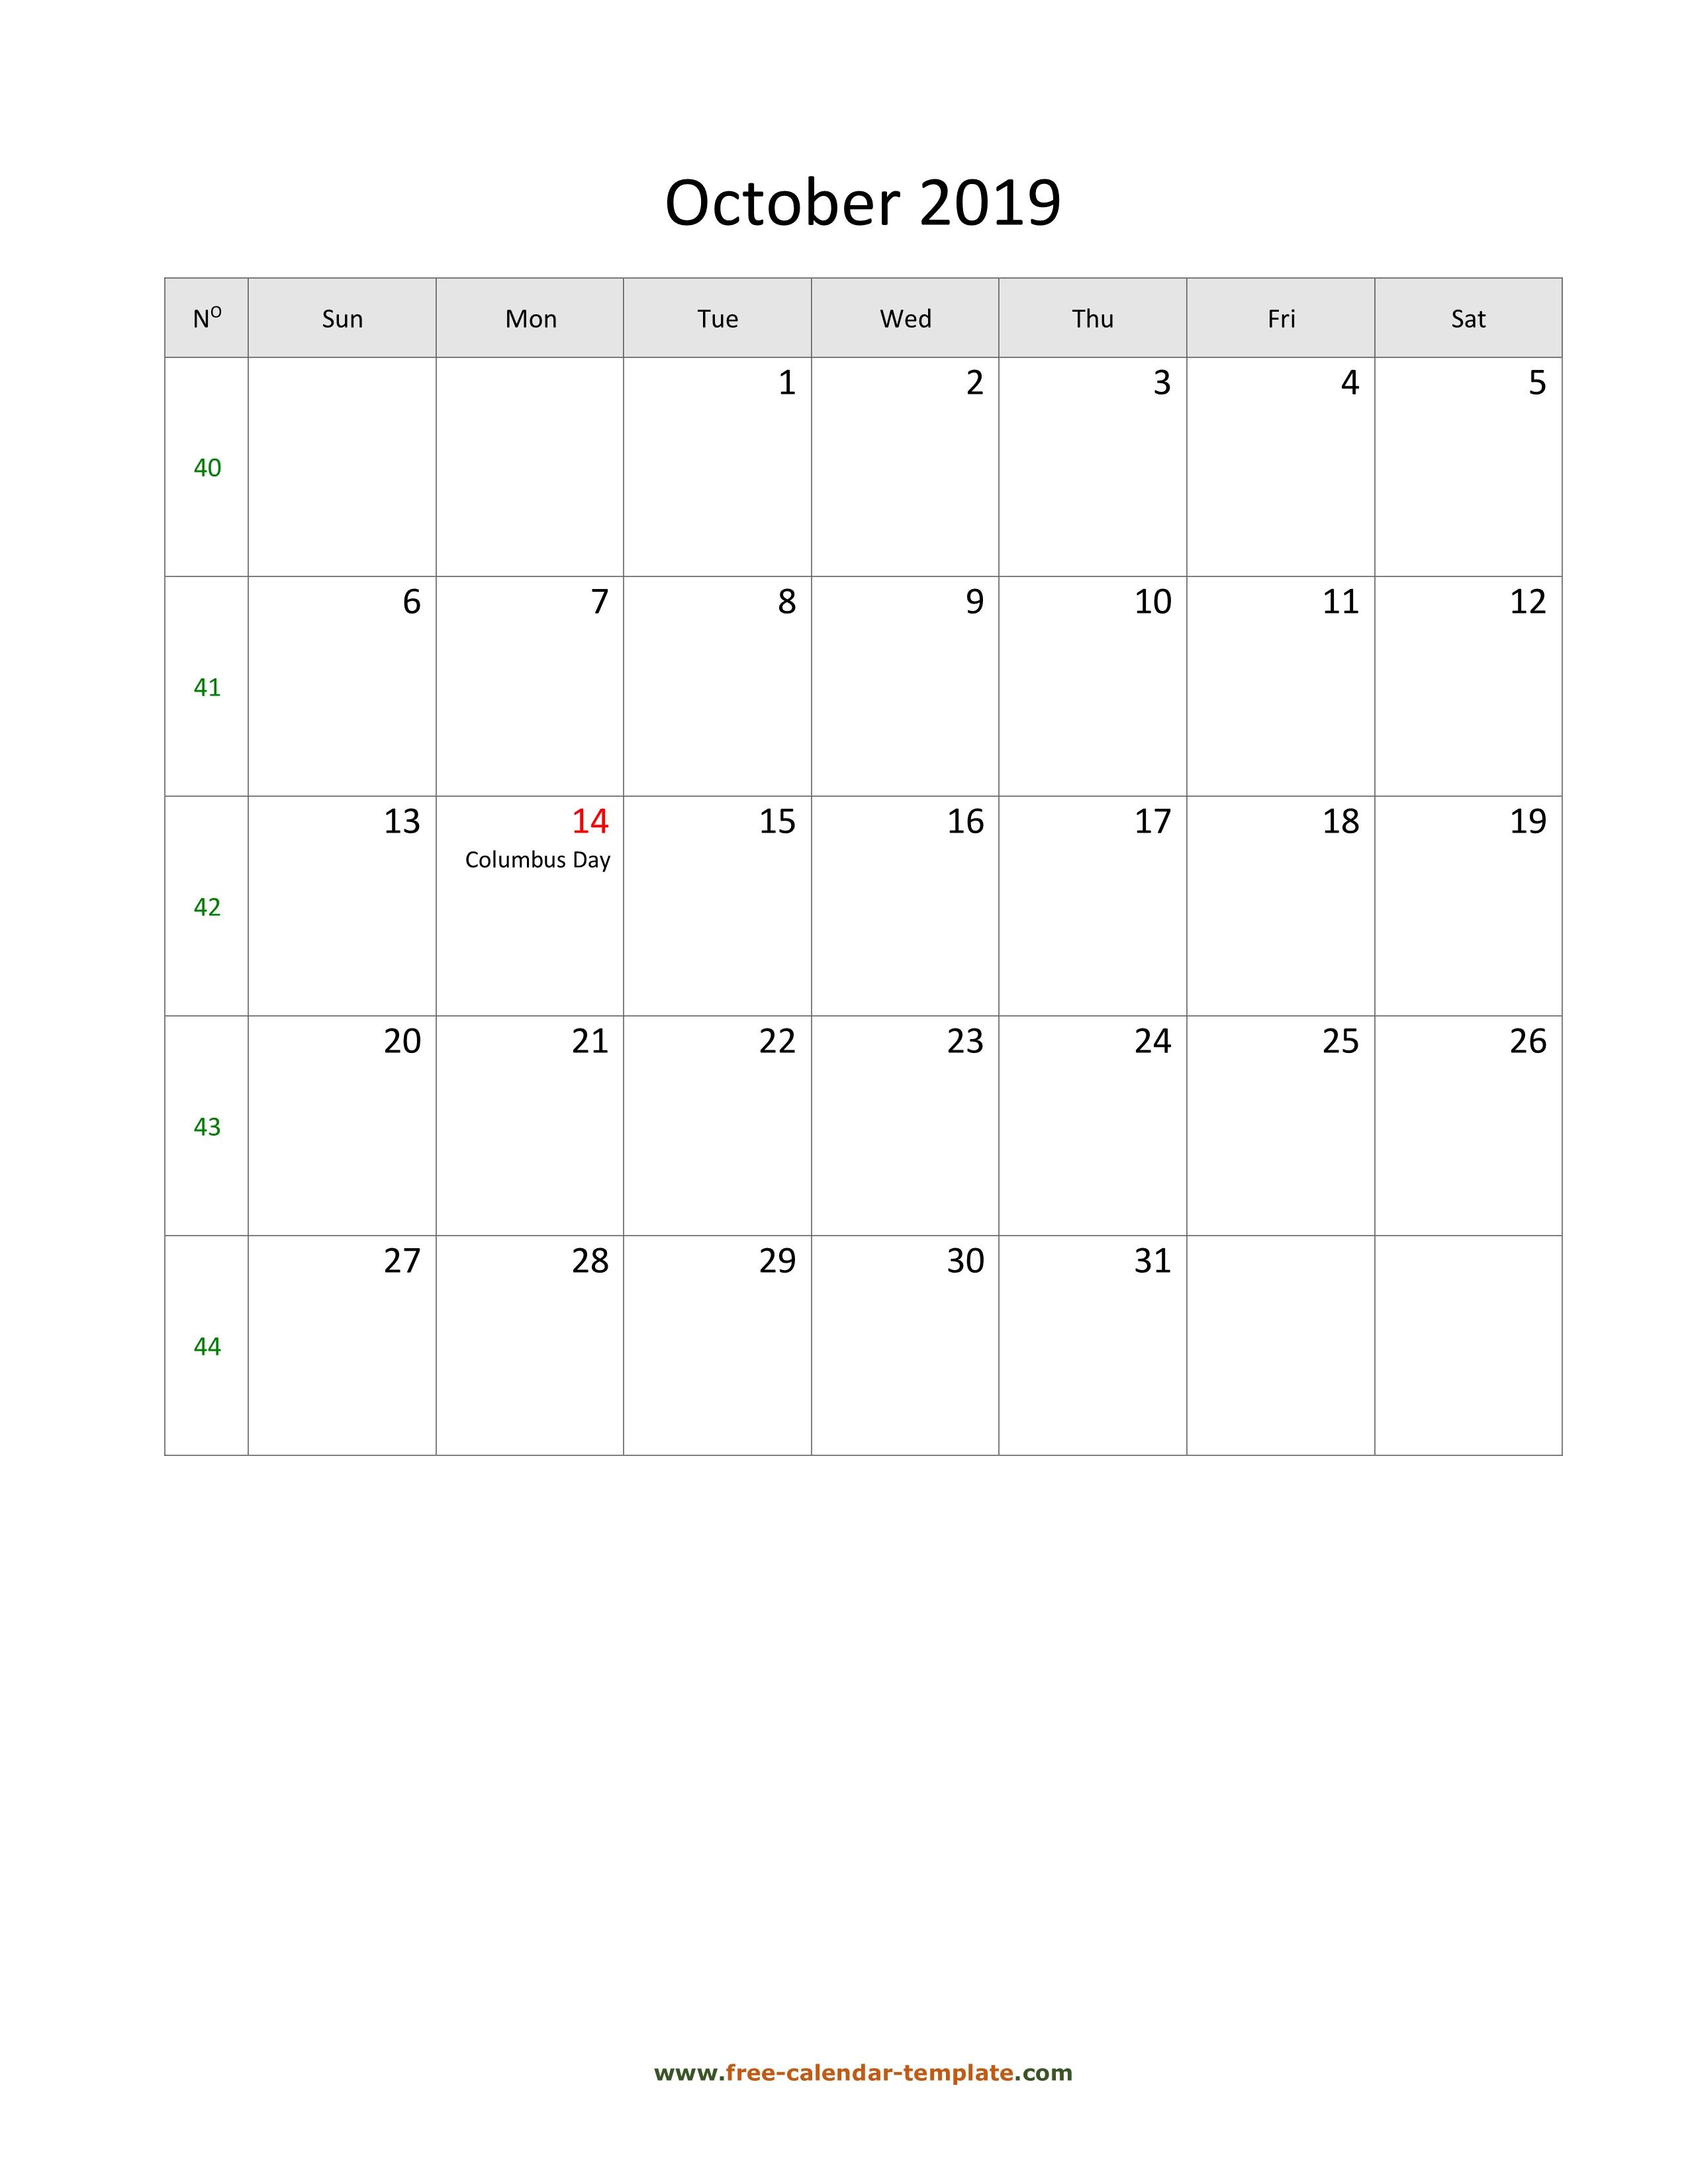 2019 October Calendar (Blank Vertical Template) | Free